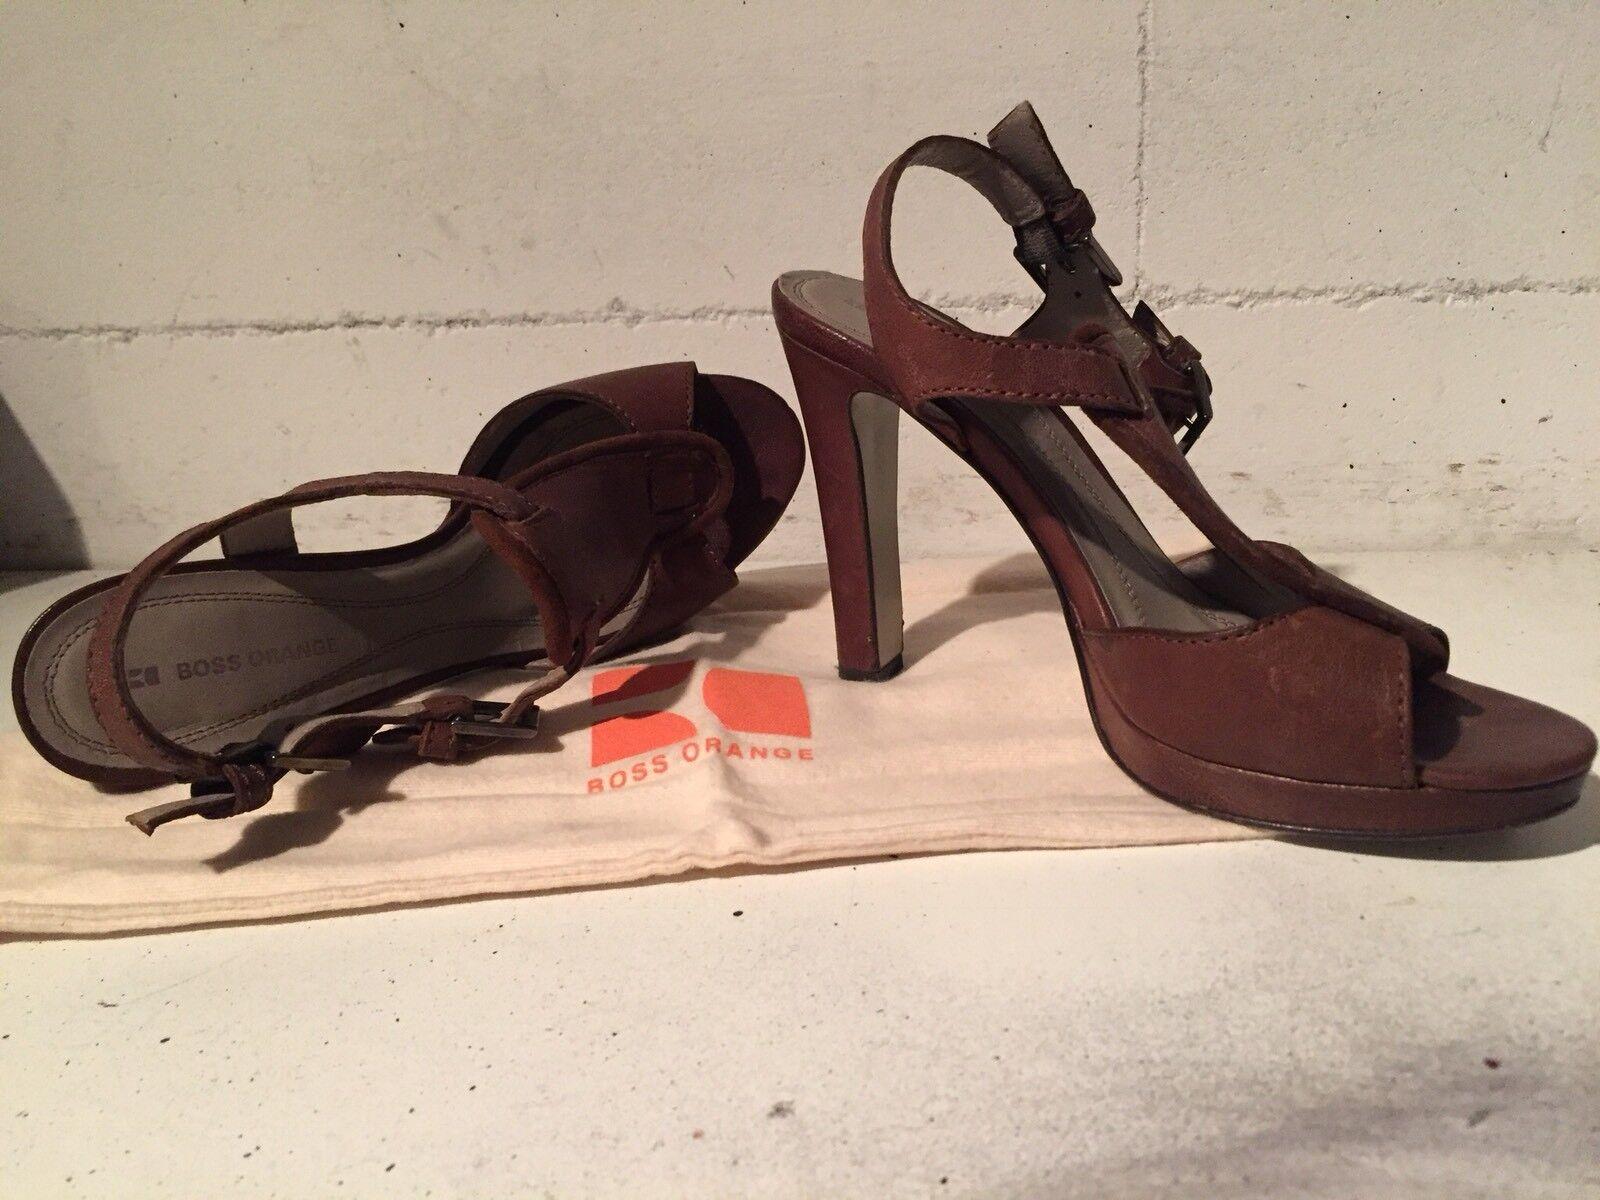 Sandalette von Boss, Boss, von Schuhgröße 37 braun, 1f8bff